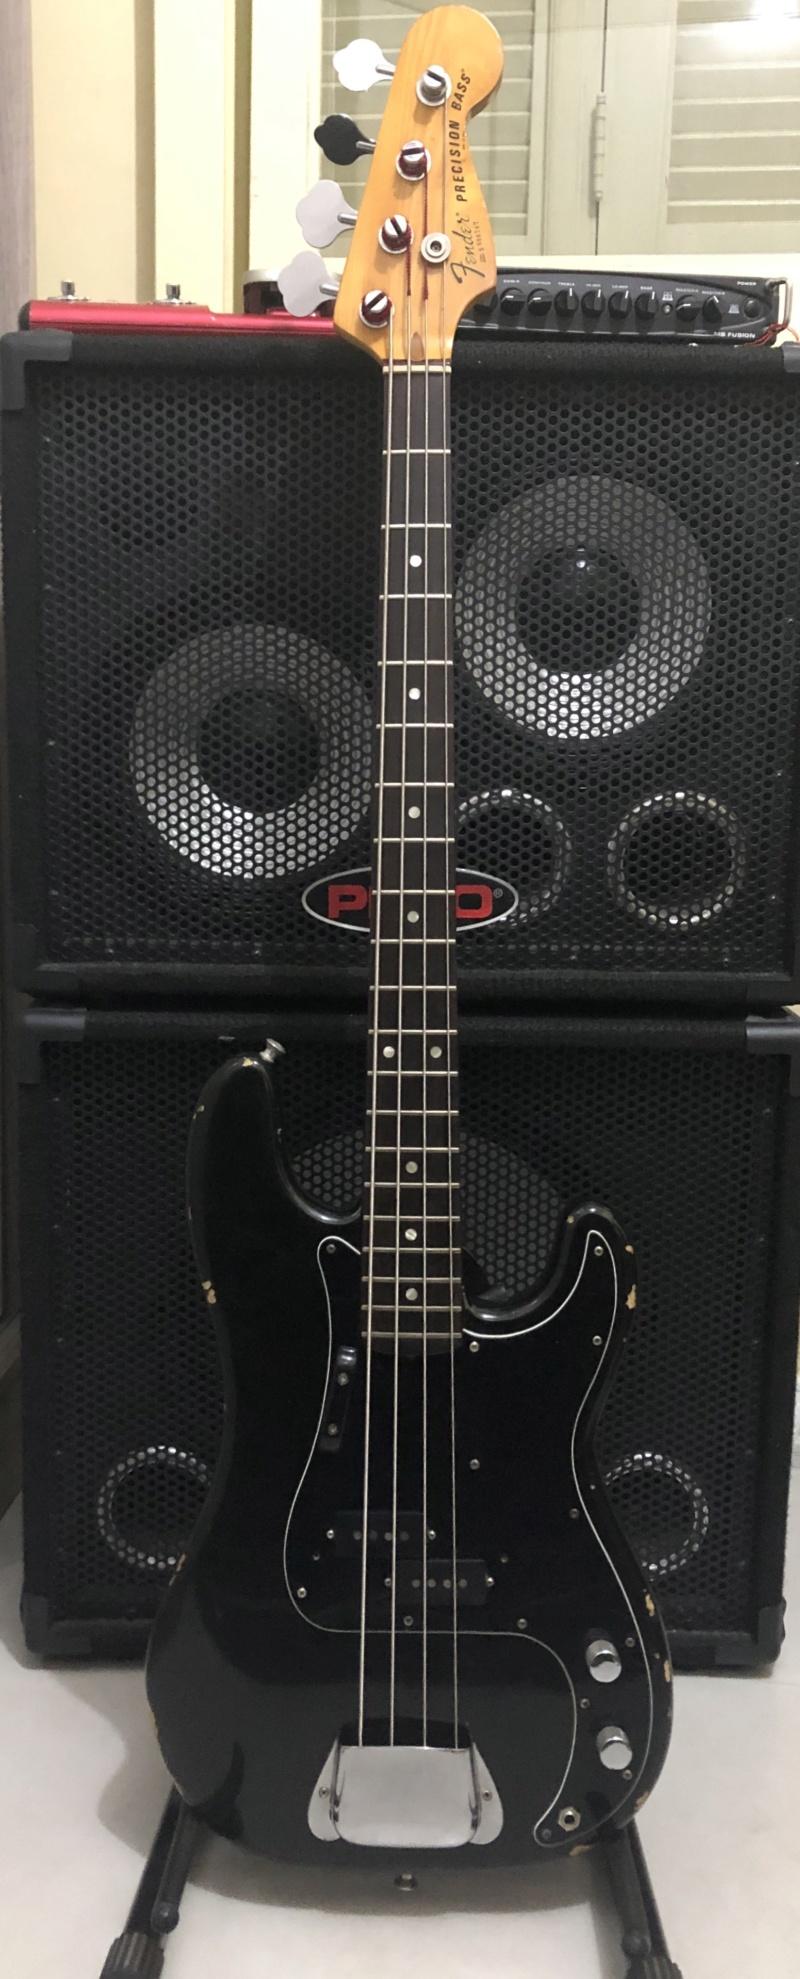 Porque usar um Precision Bass? - Página 3 D4609a10